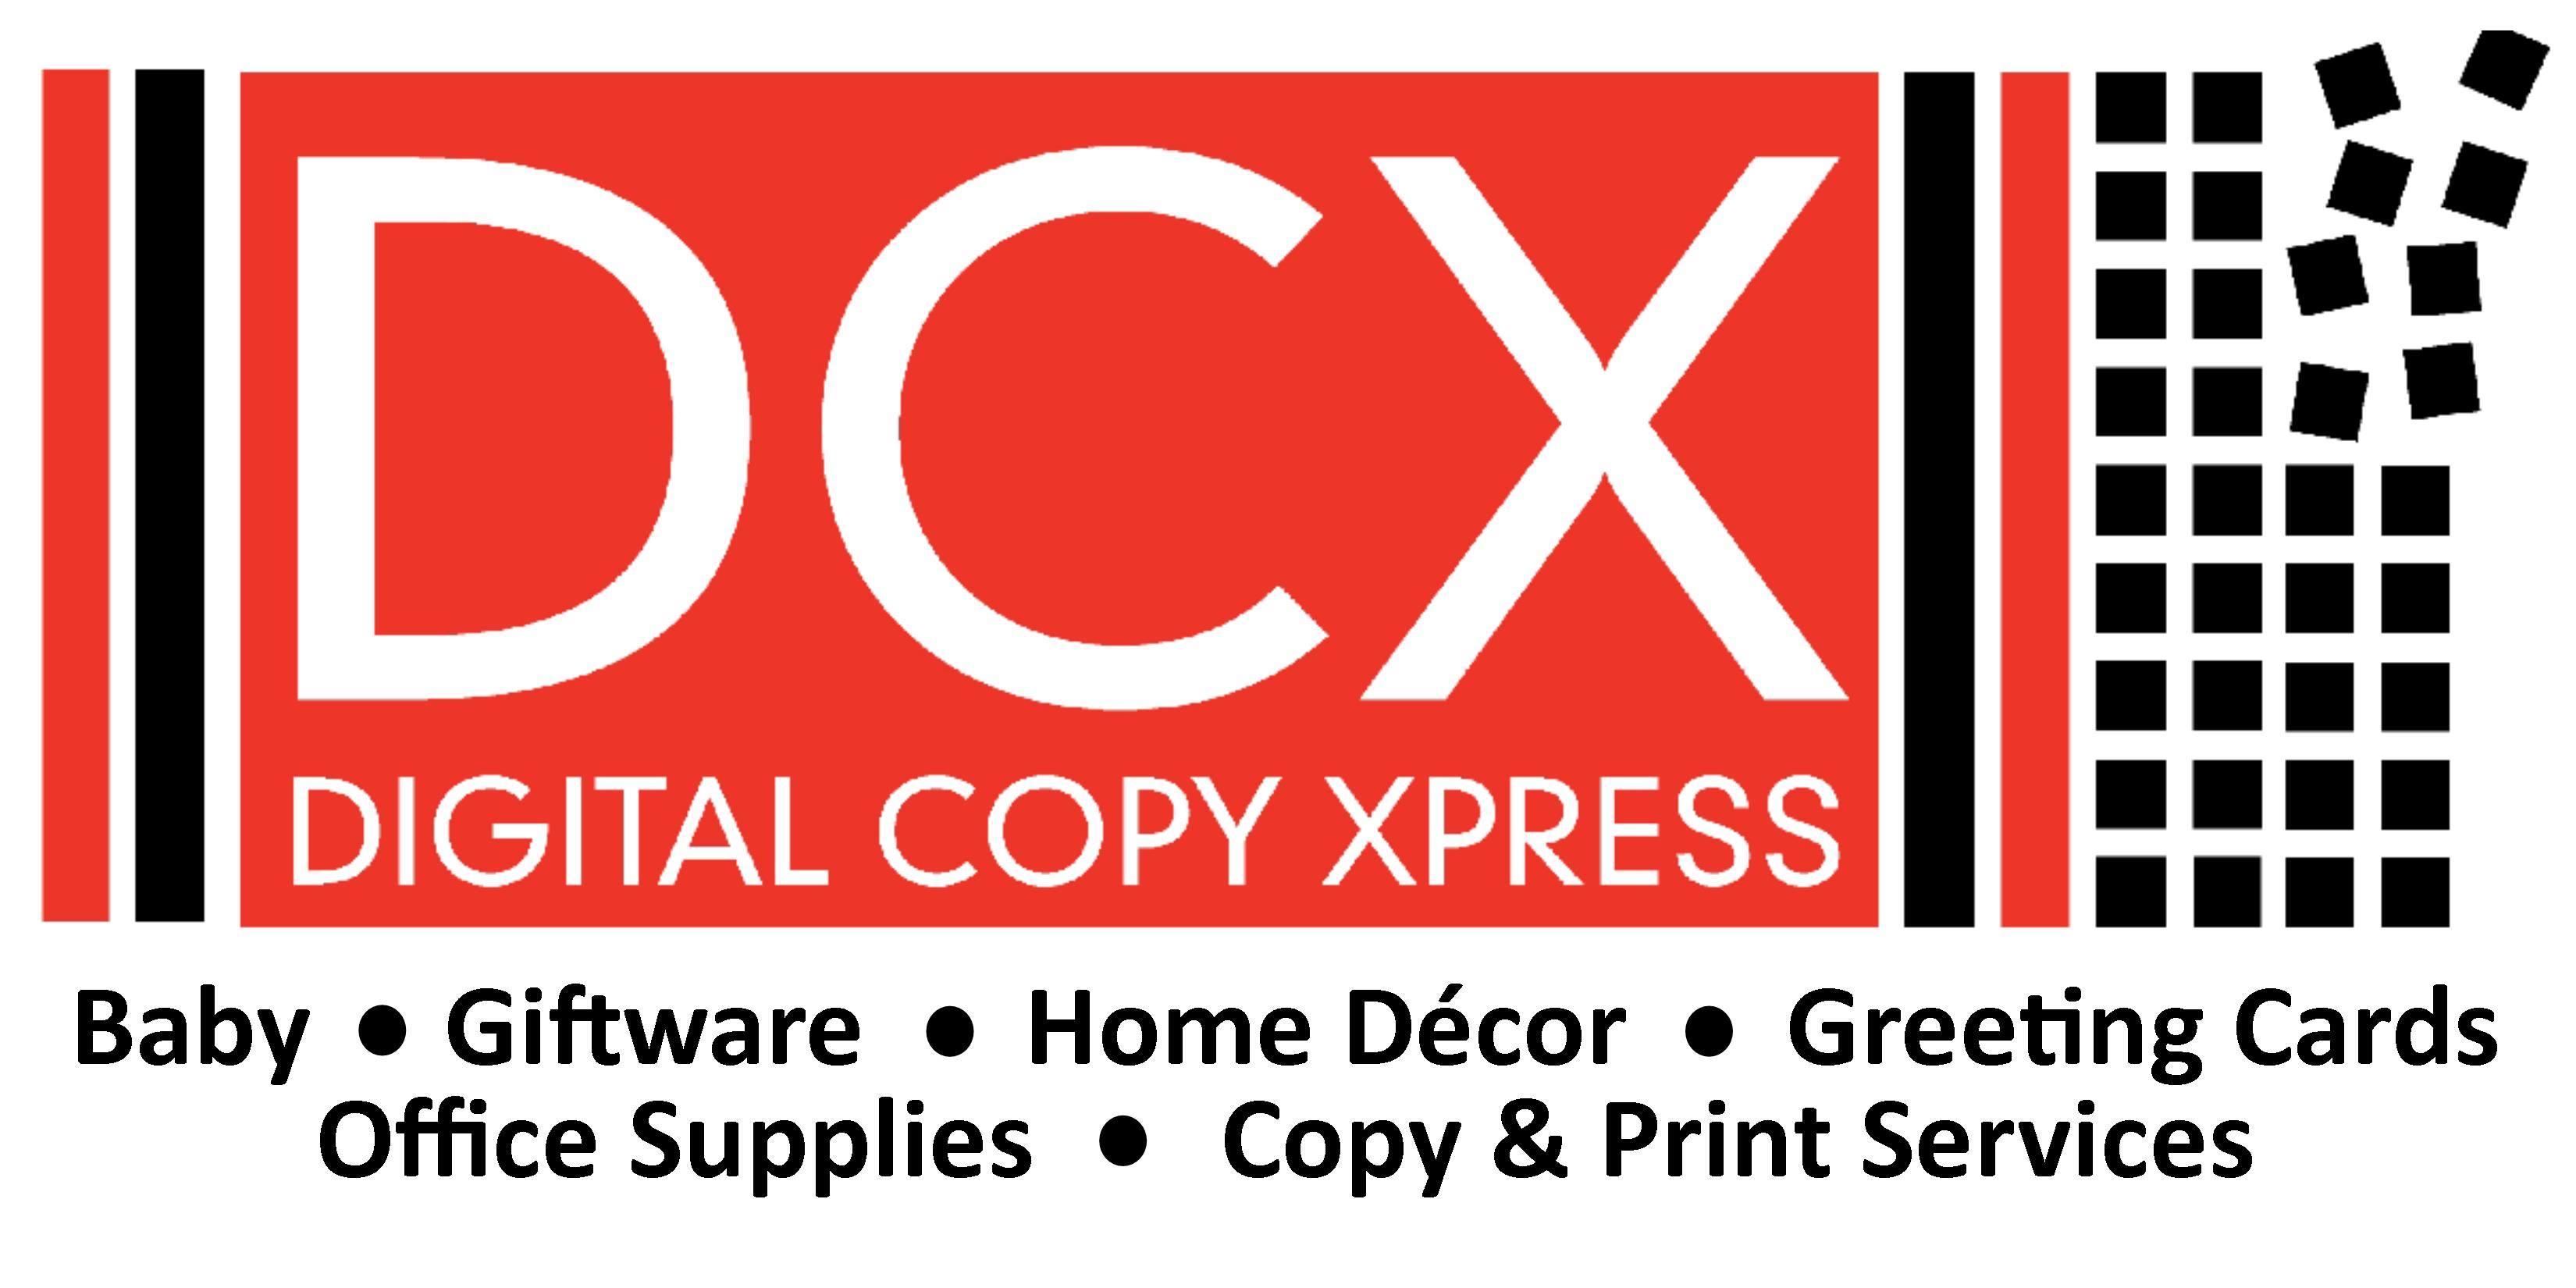 Digital Copy Xpress